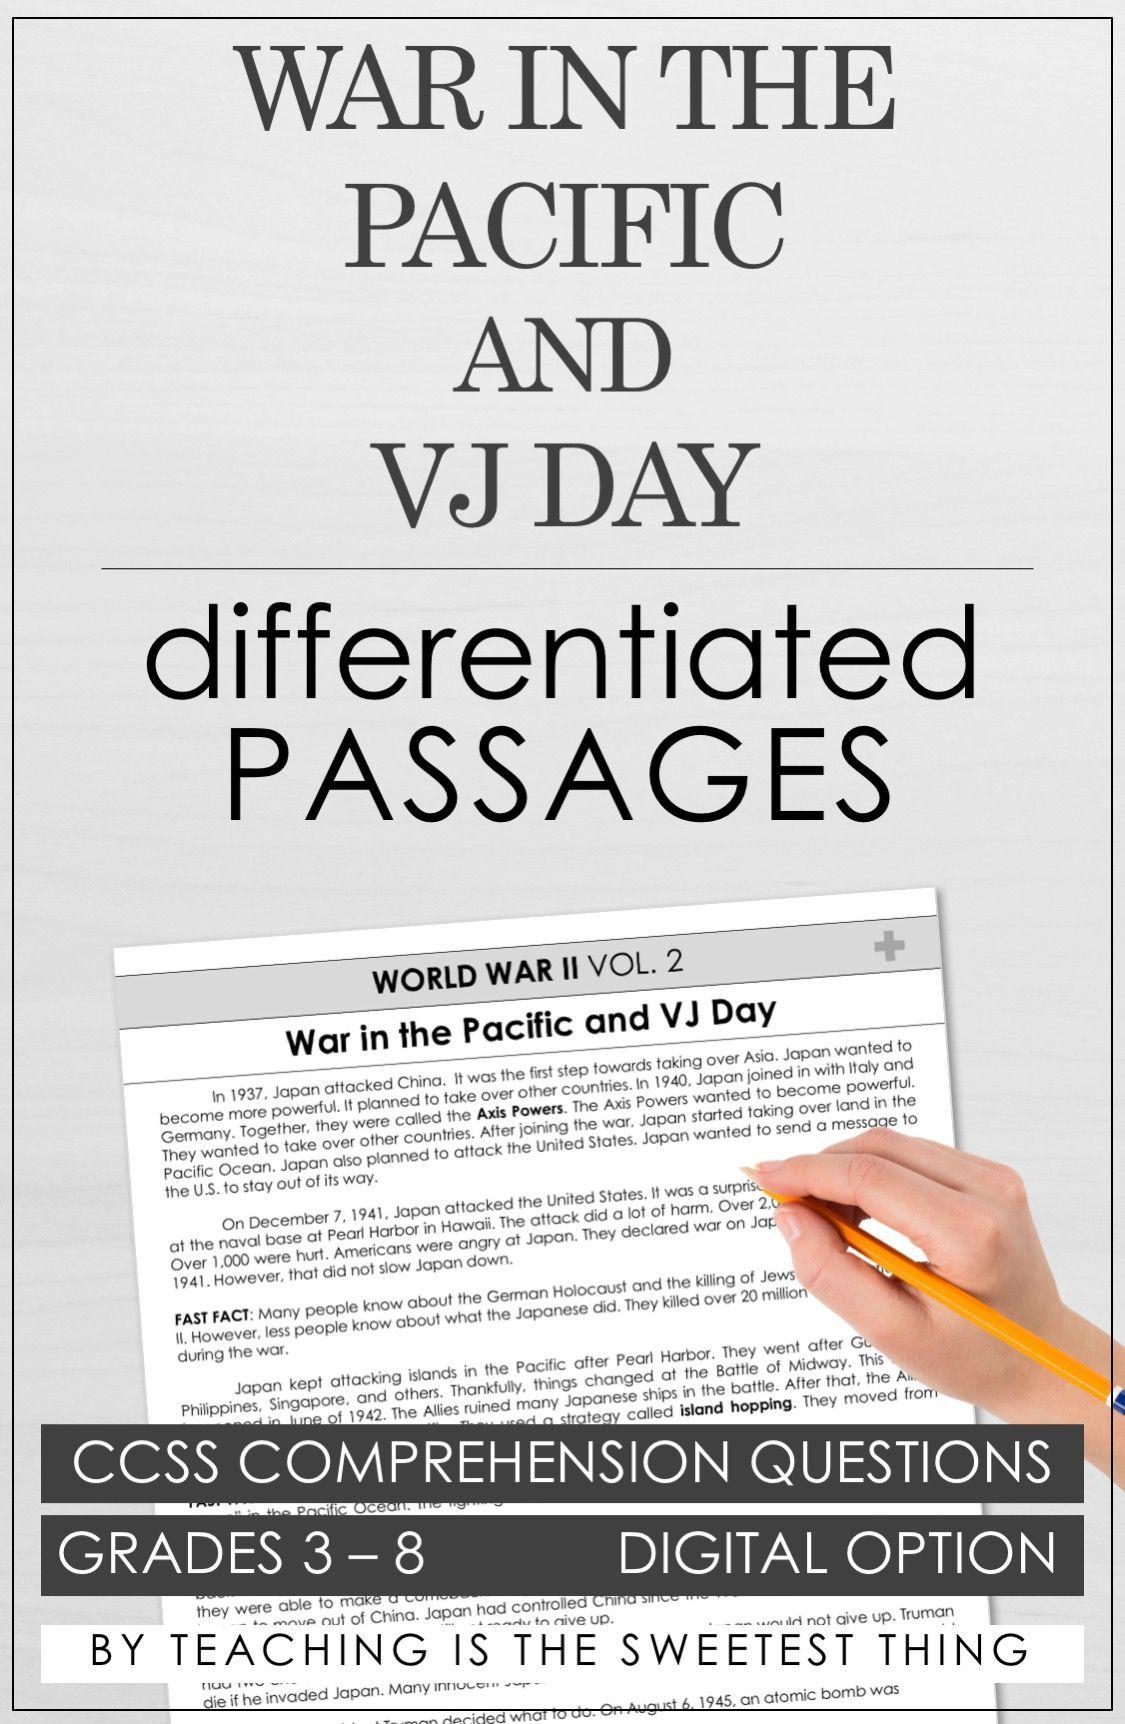 World War Ii Vol 2 Passages